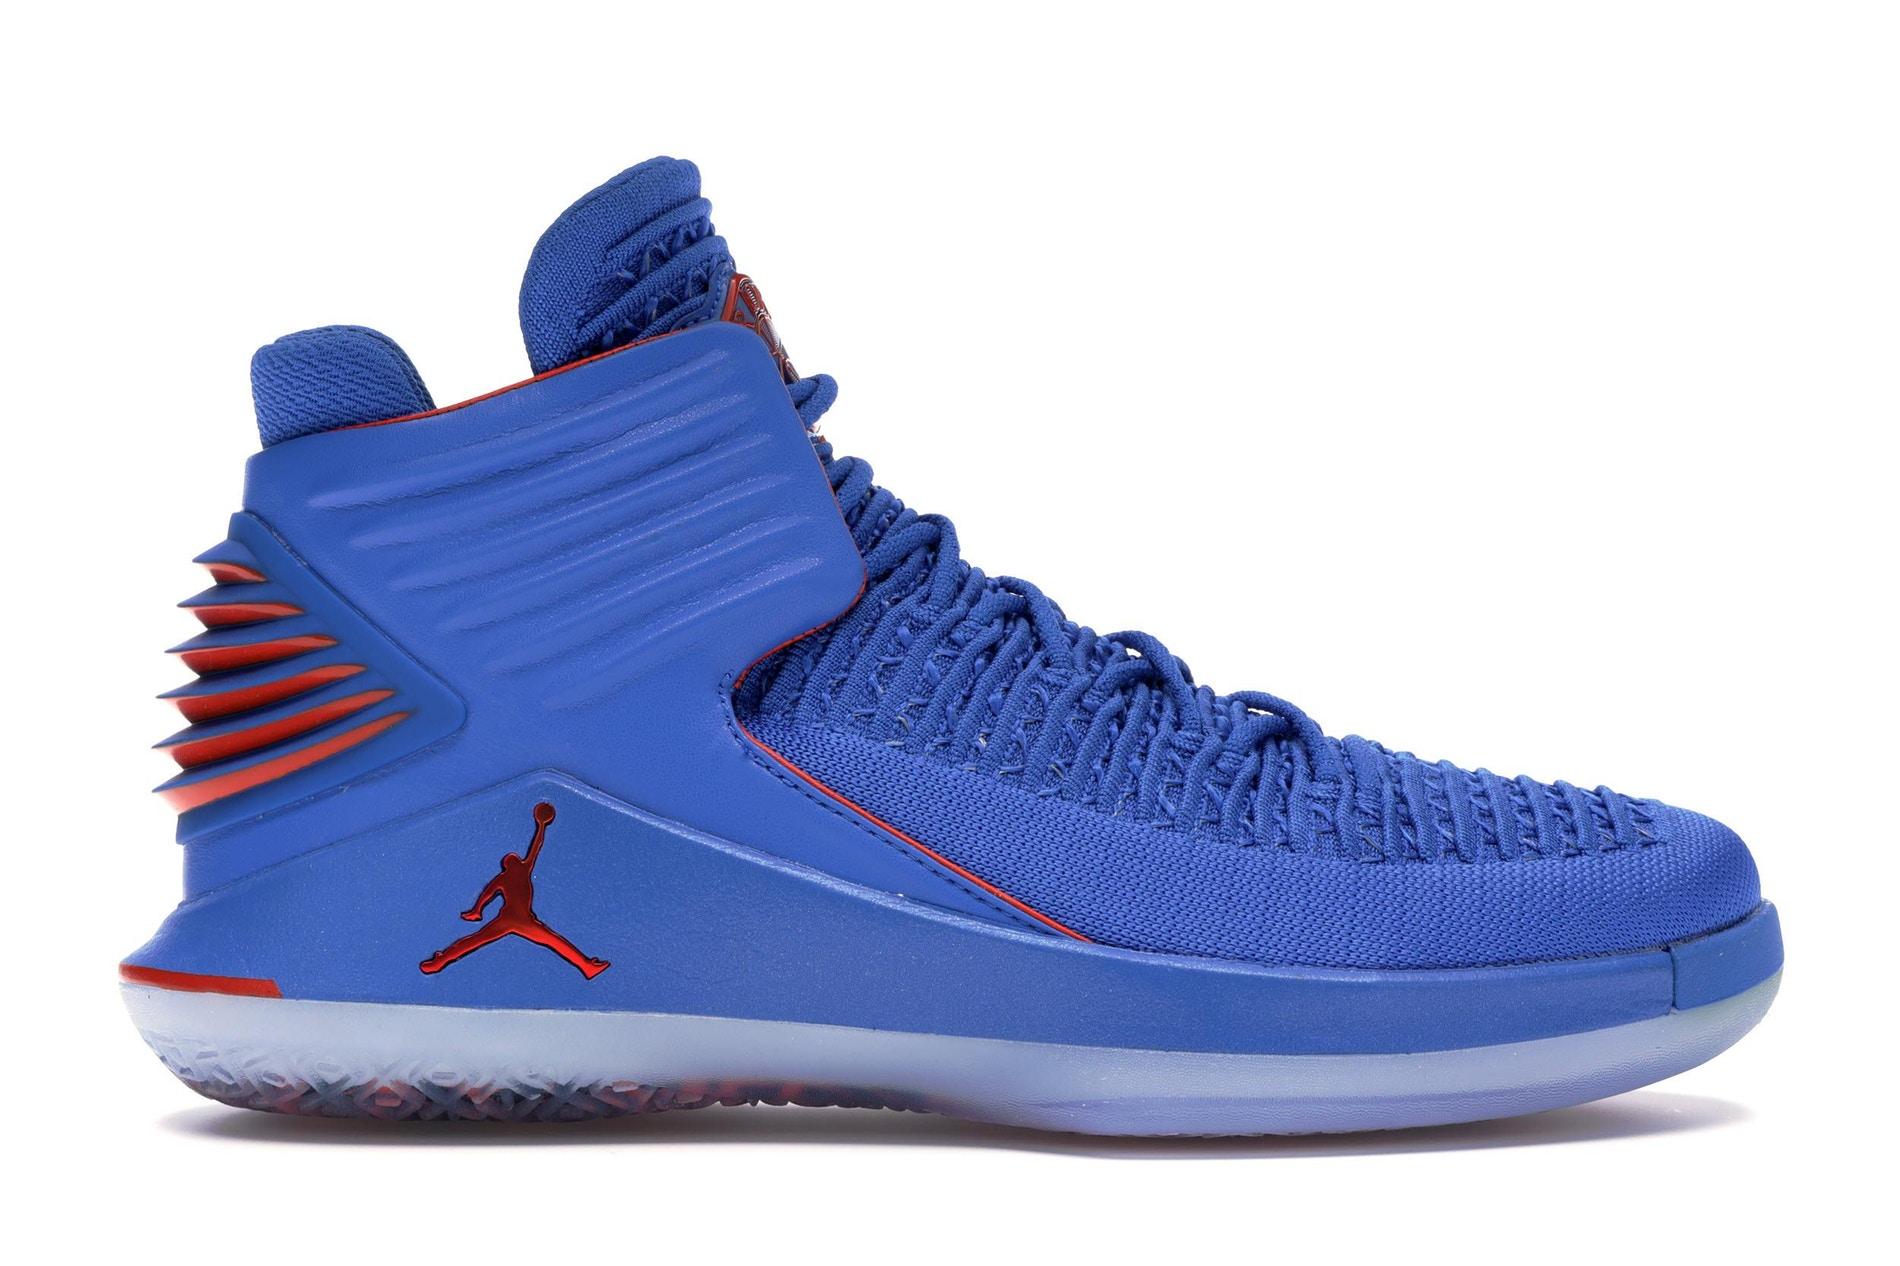 Buy Sneakers Jordan Air Shoesamp; 32 Deadstock qzpMSUVG